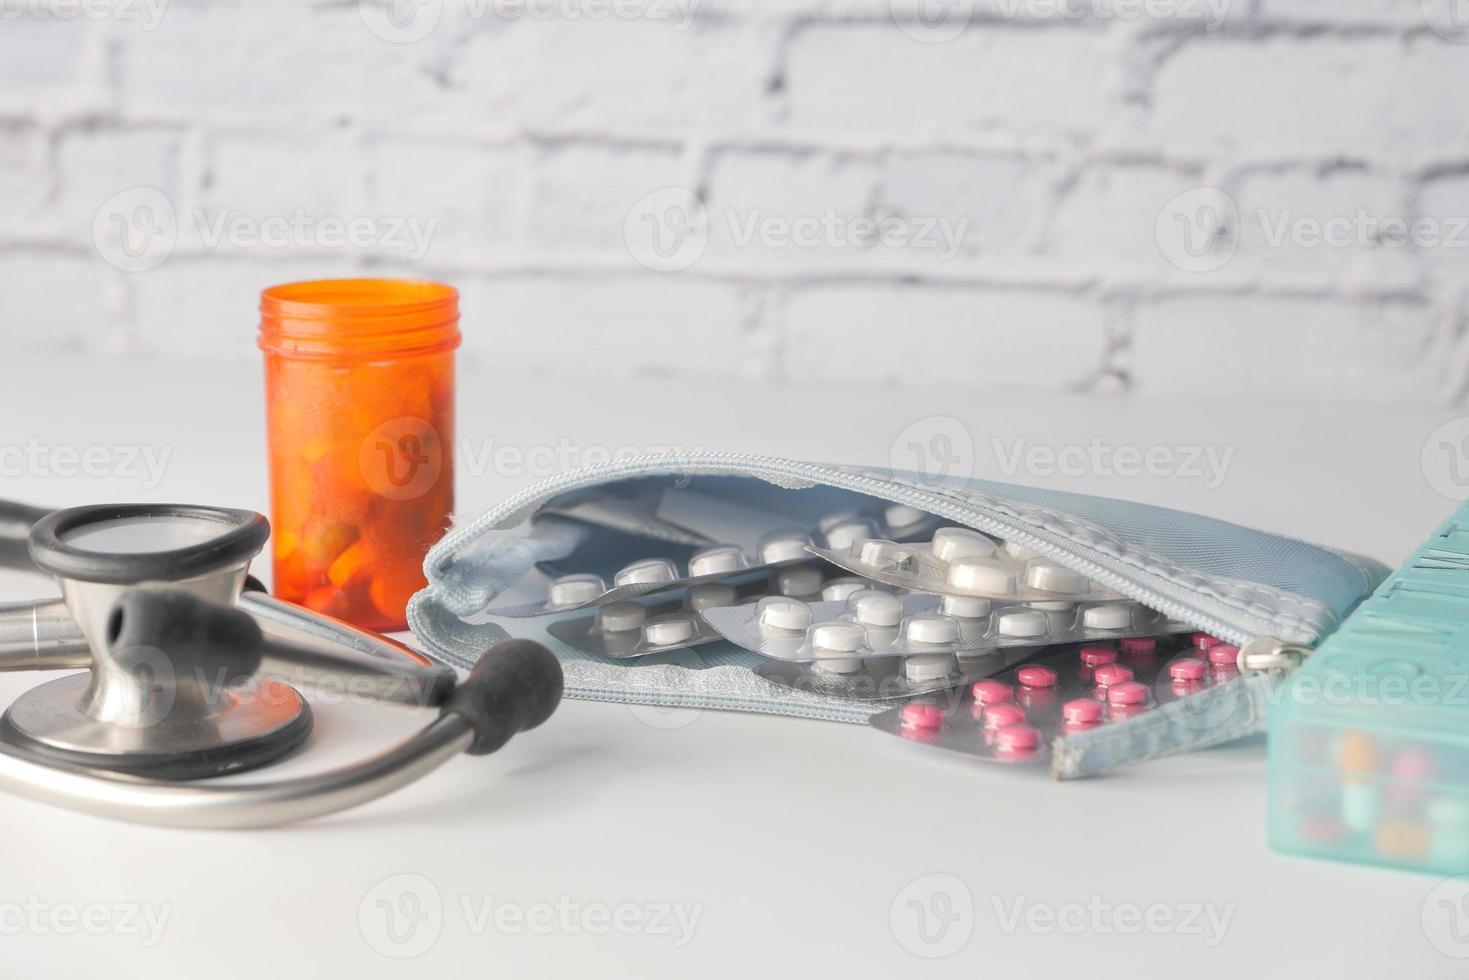 comprimidos e equipamento médico em fundo branco foto